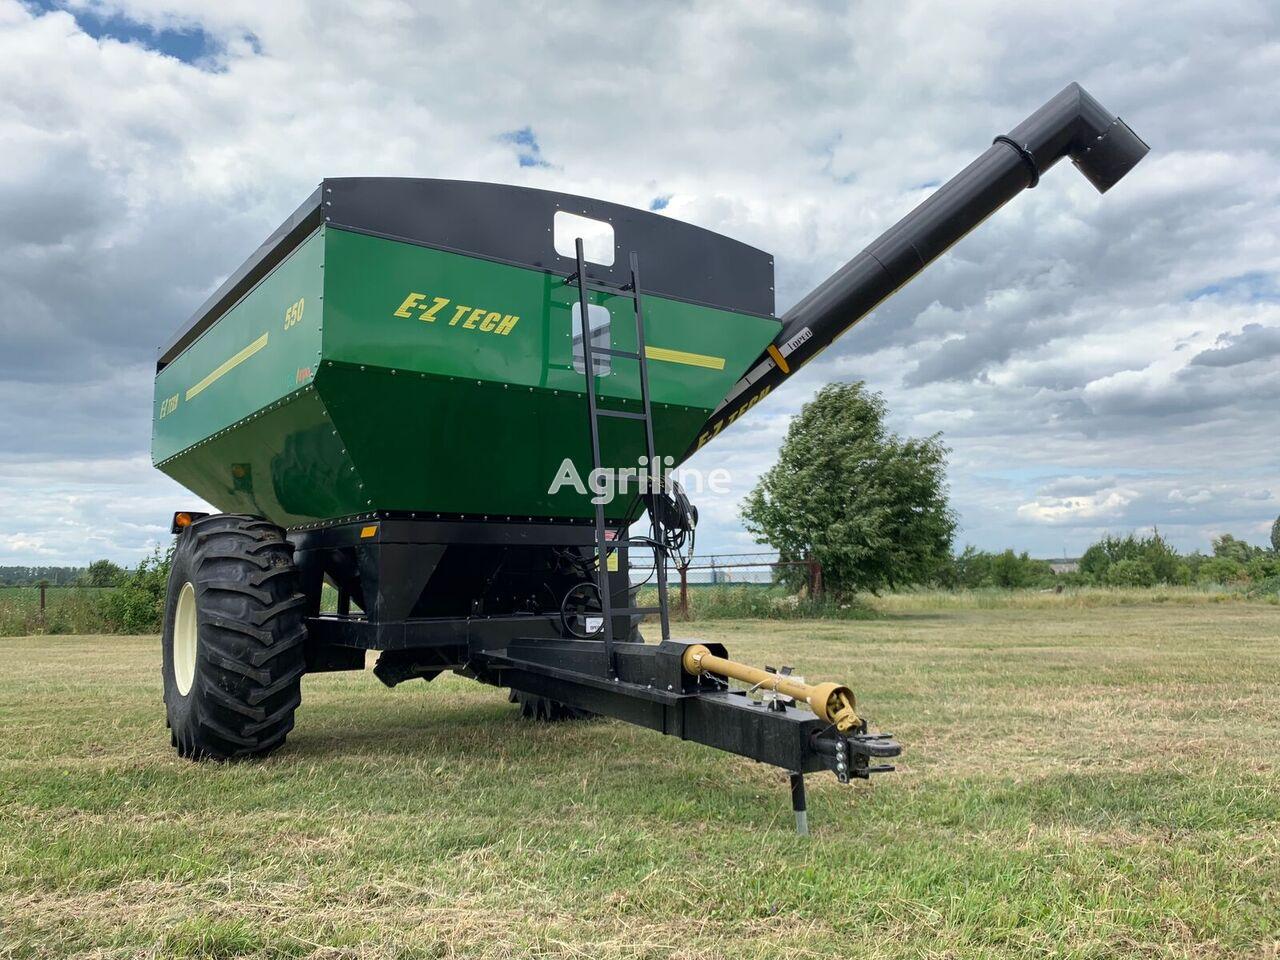 новий бункер-перевантажувач зерна EZ-Tech 550